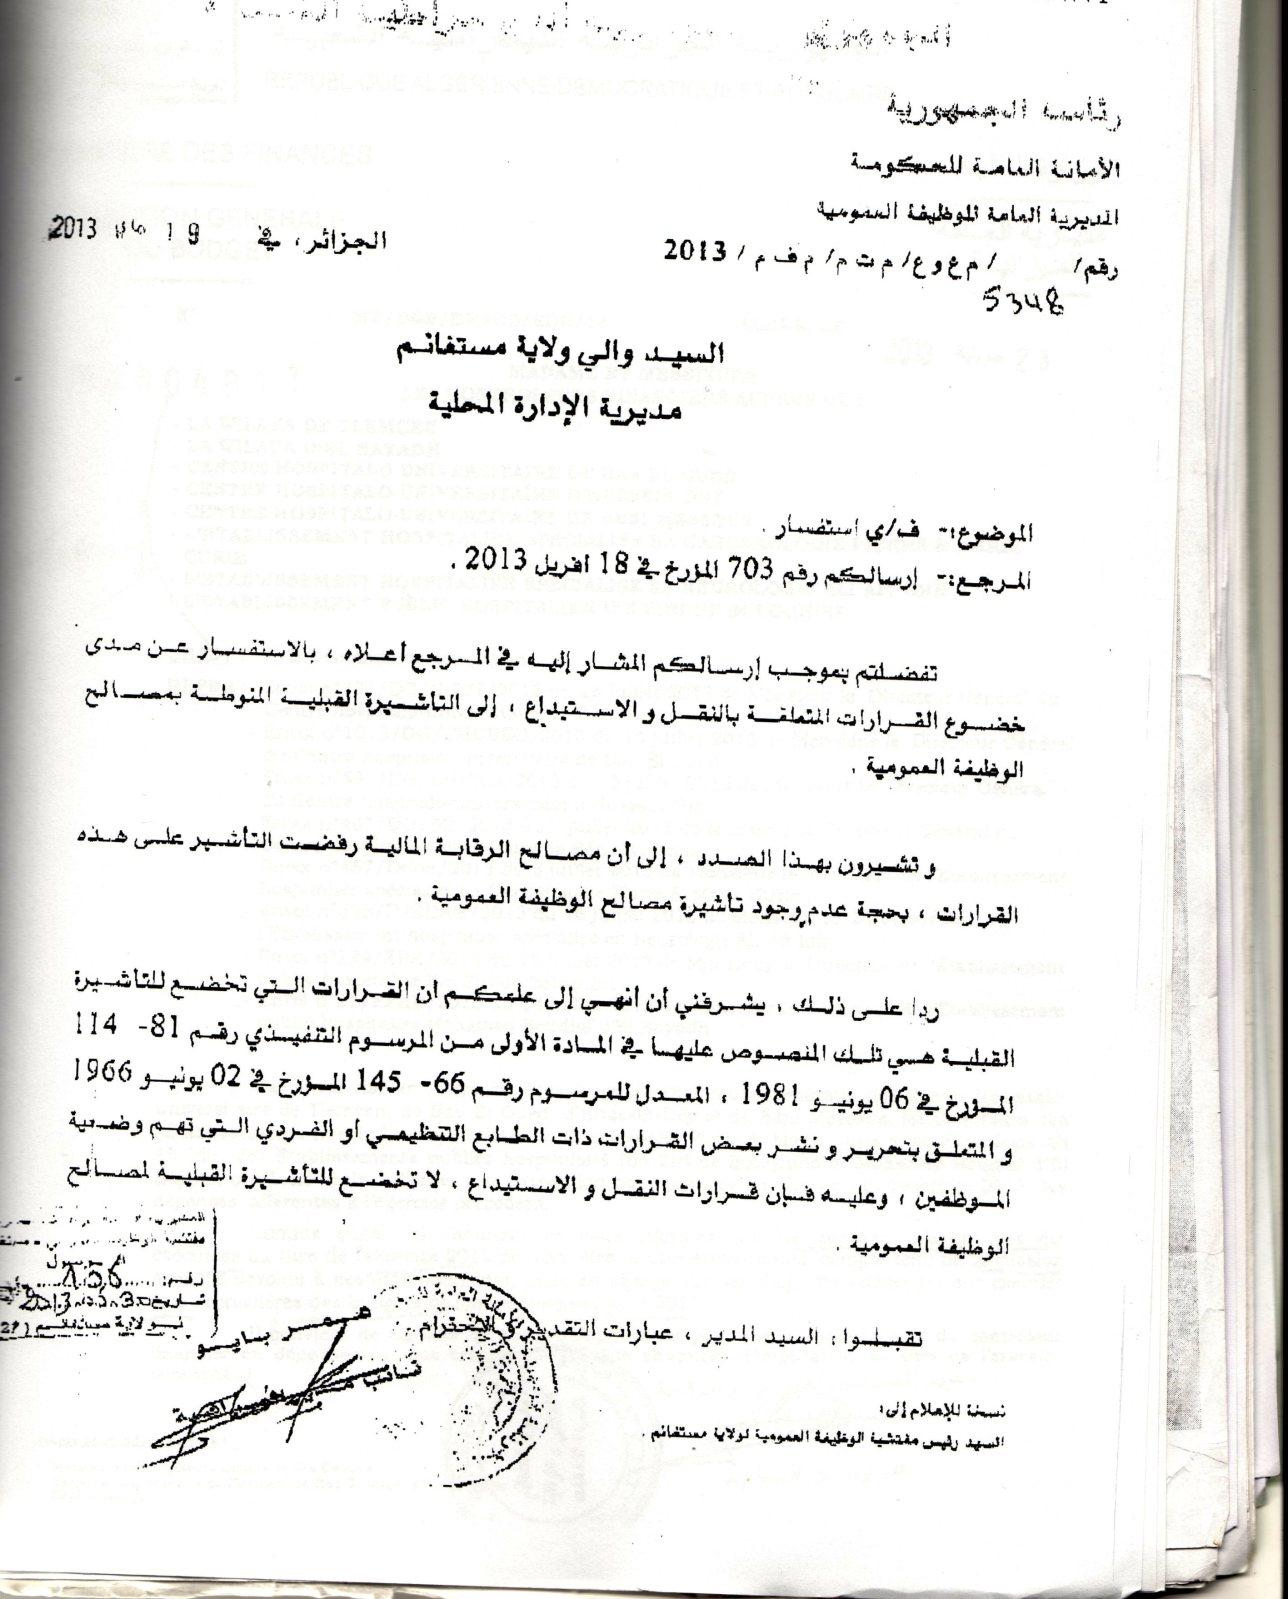 المراسلات الصادرة عن المديرية العامة للميزانية - صفحة 2 2h6rihz